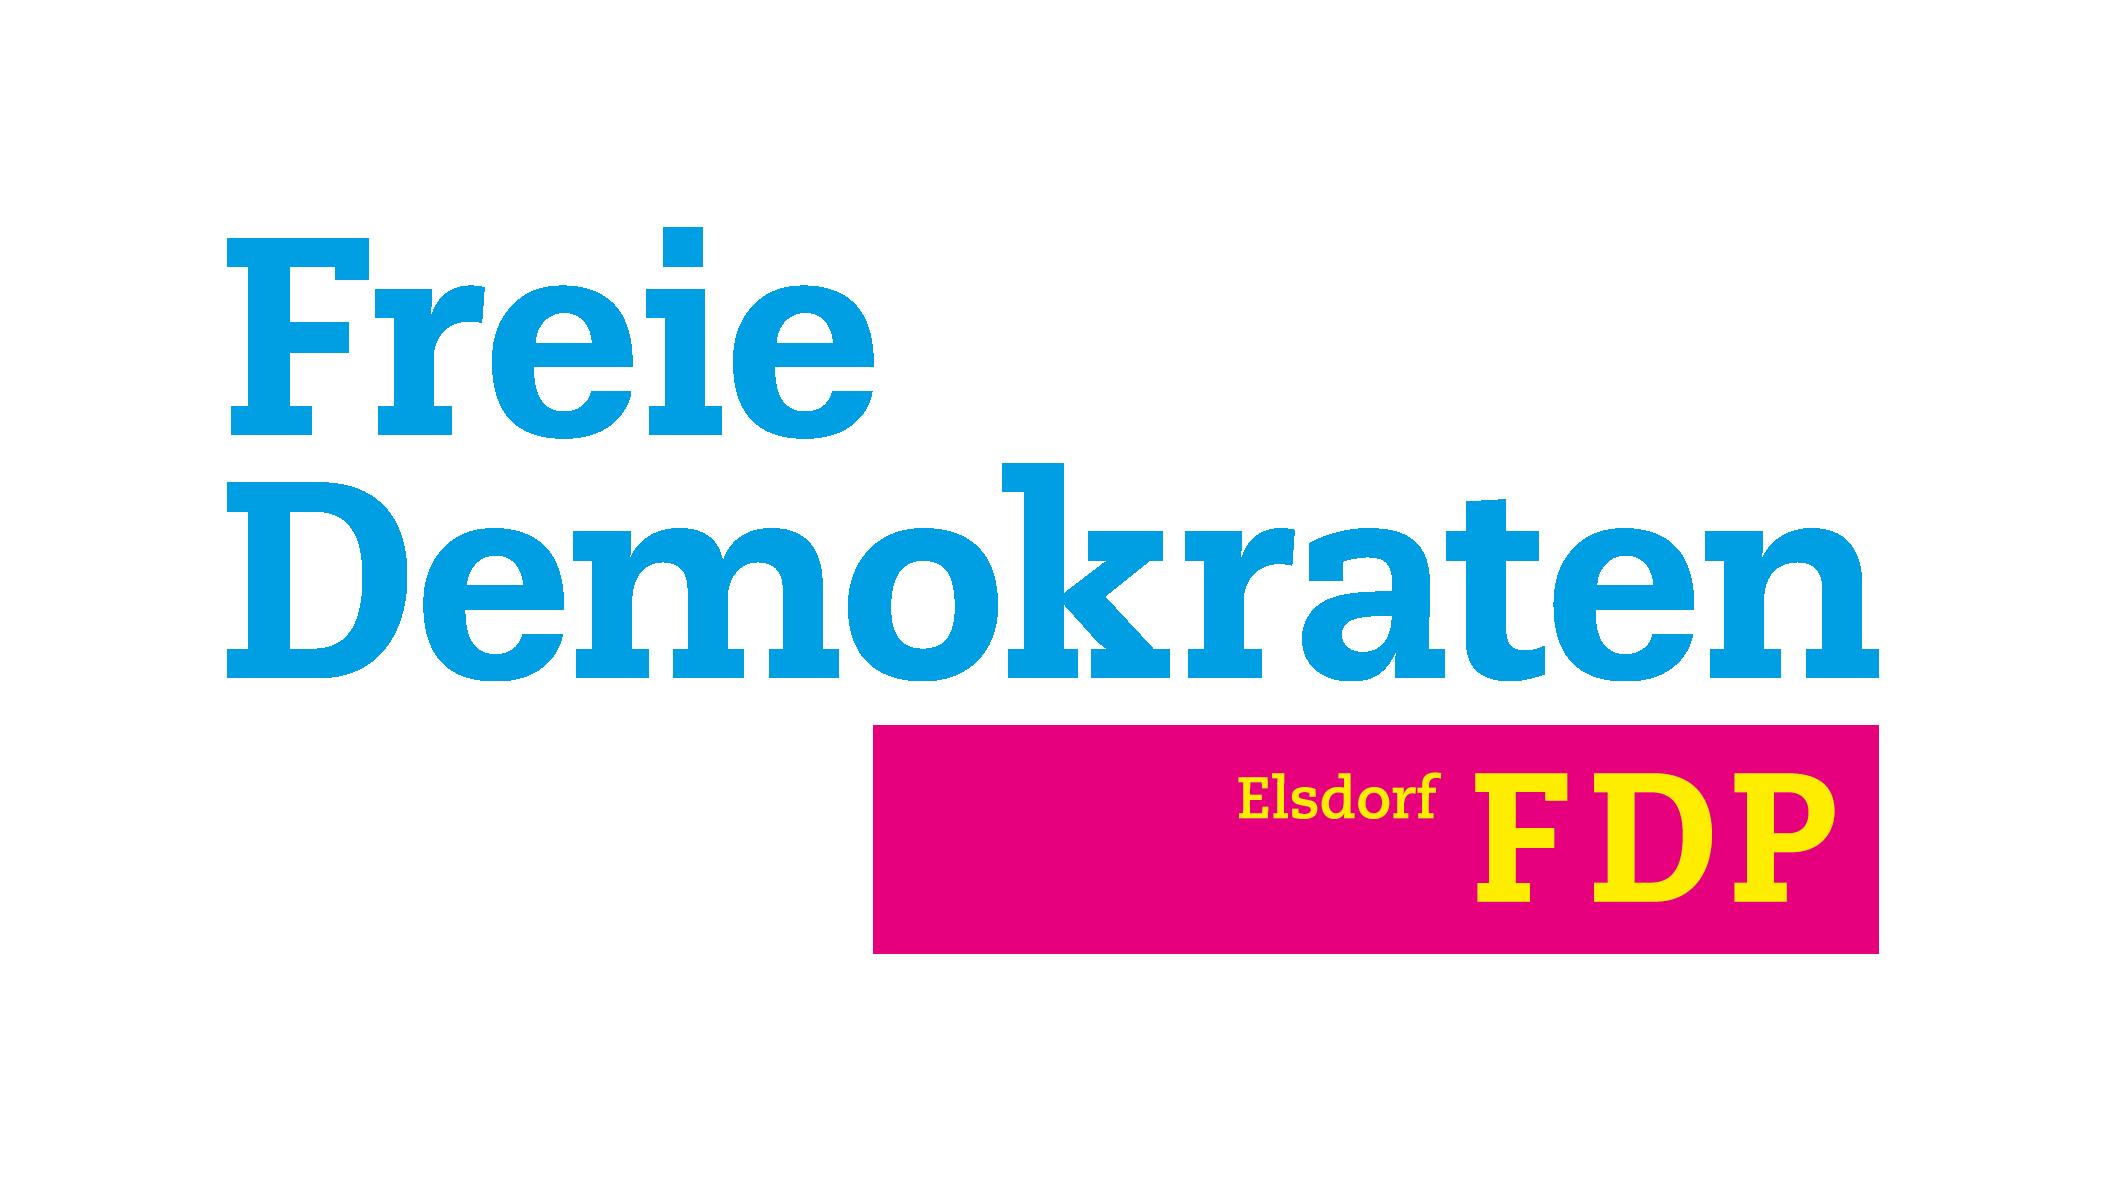 FDP Elsdorf